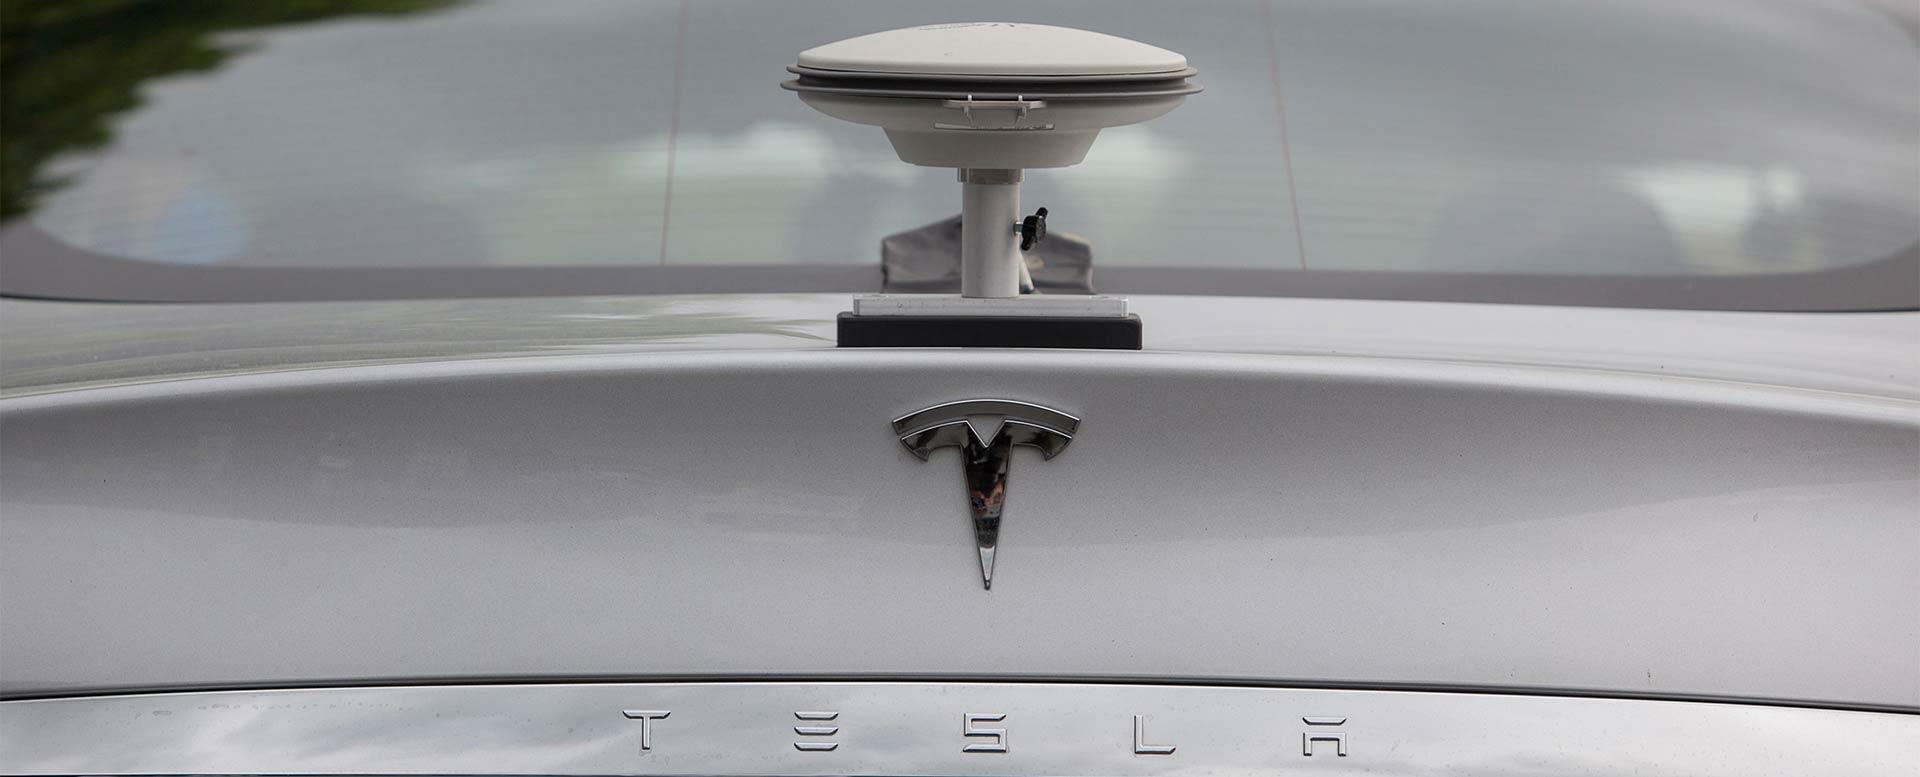 GPS-Antenne für Elektroauto von Tesla Motors, Model S, für autonomes Fahren